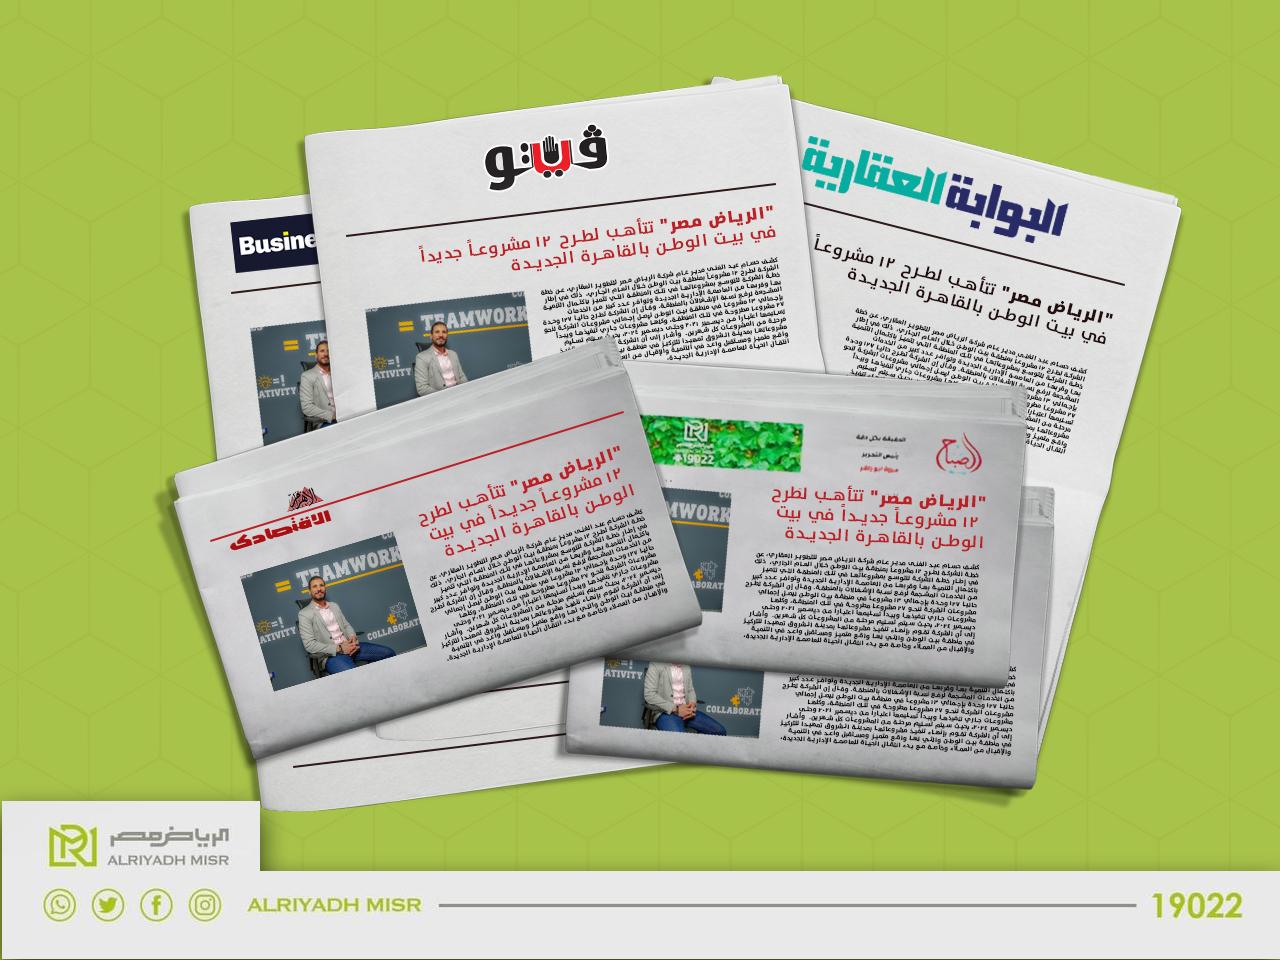 الرياض-مصر-تتأهب-لطرح-12-مشروعاً-جديداً-في-منطقة-بيت-الوطن-بالقاهرة-الجديدة